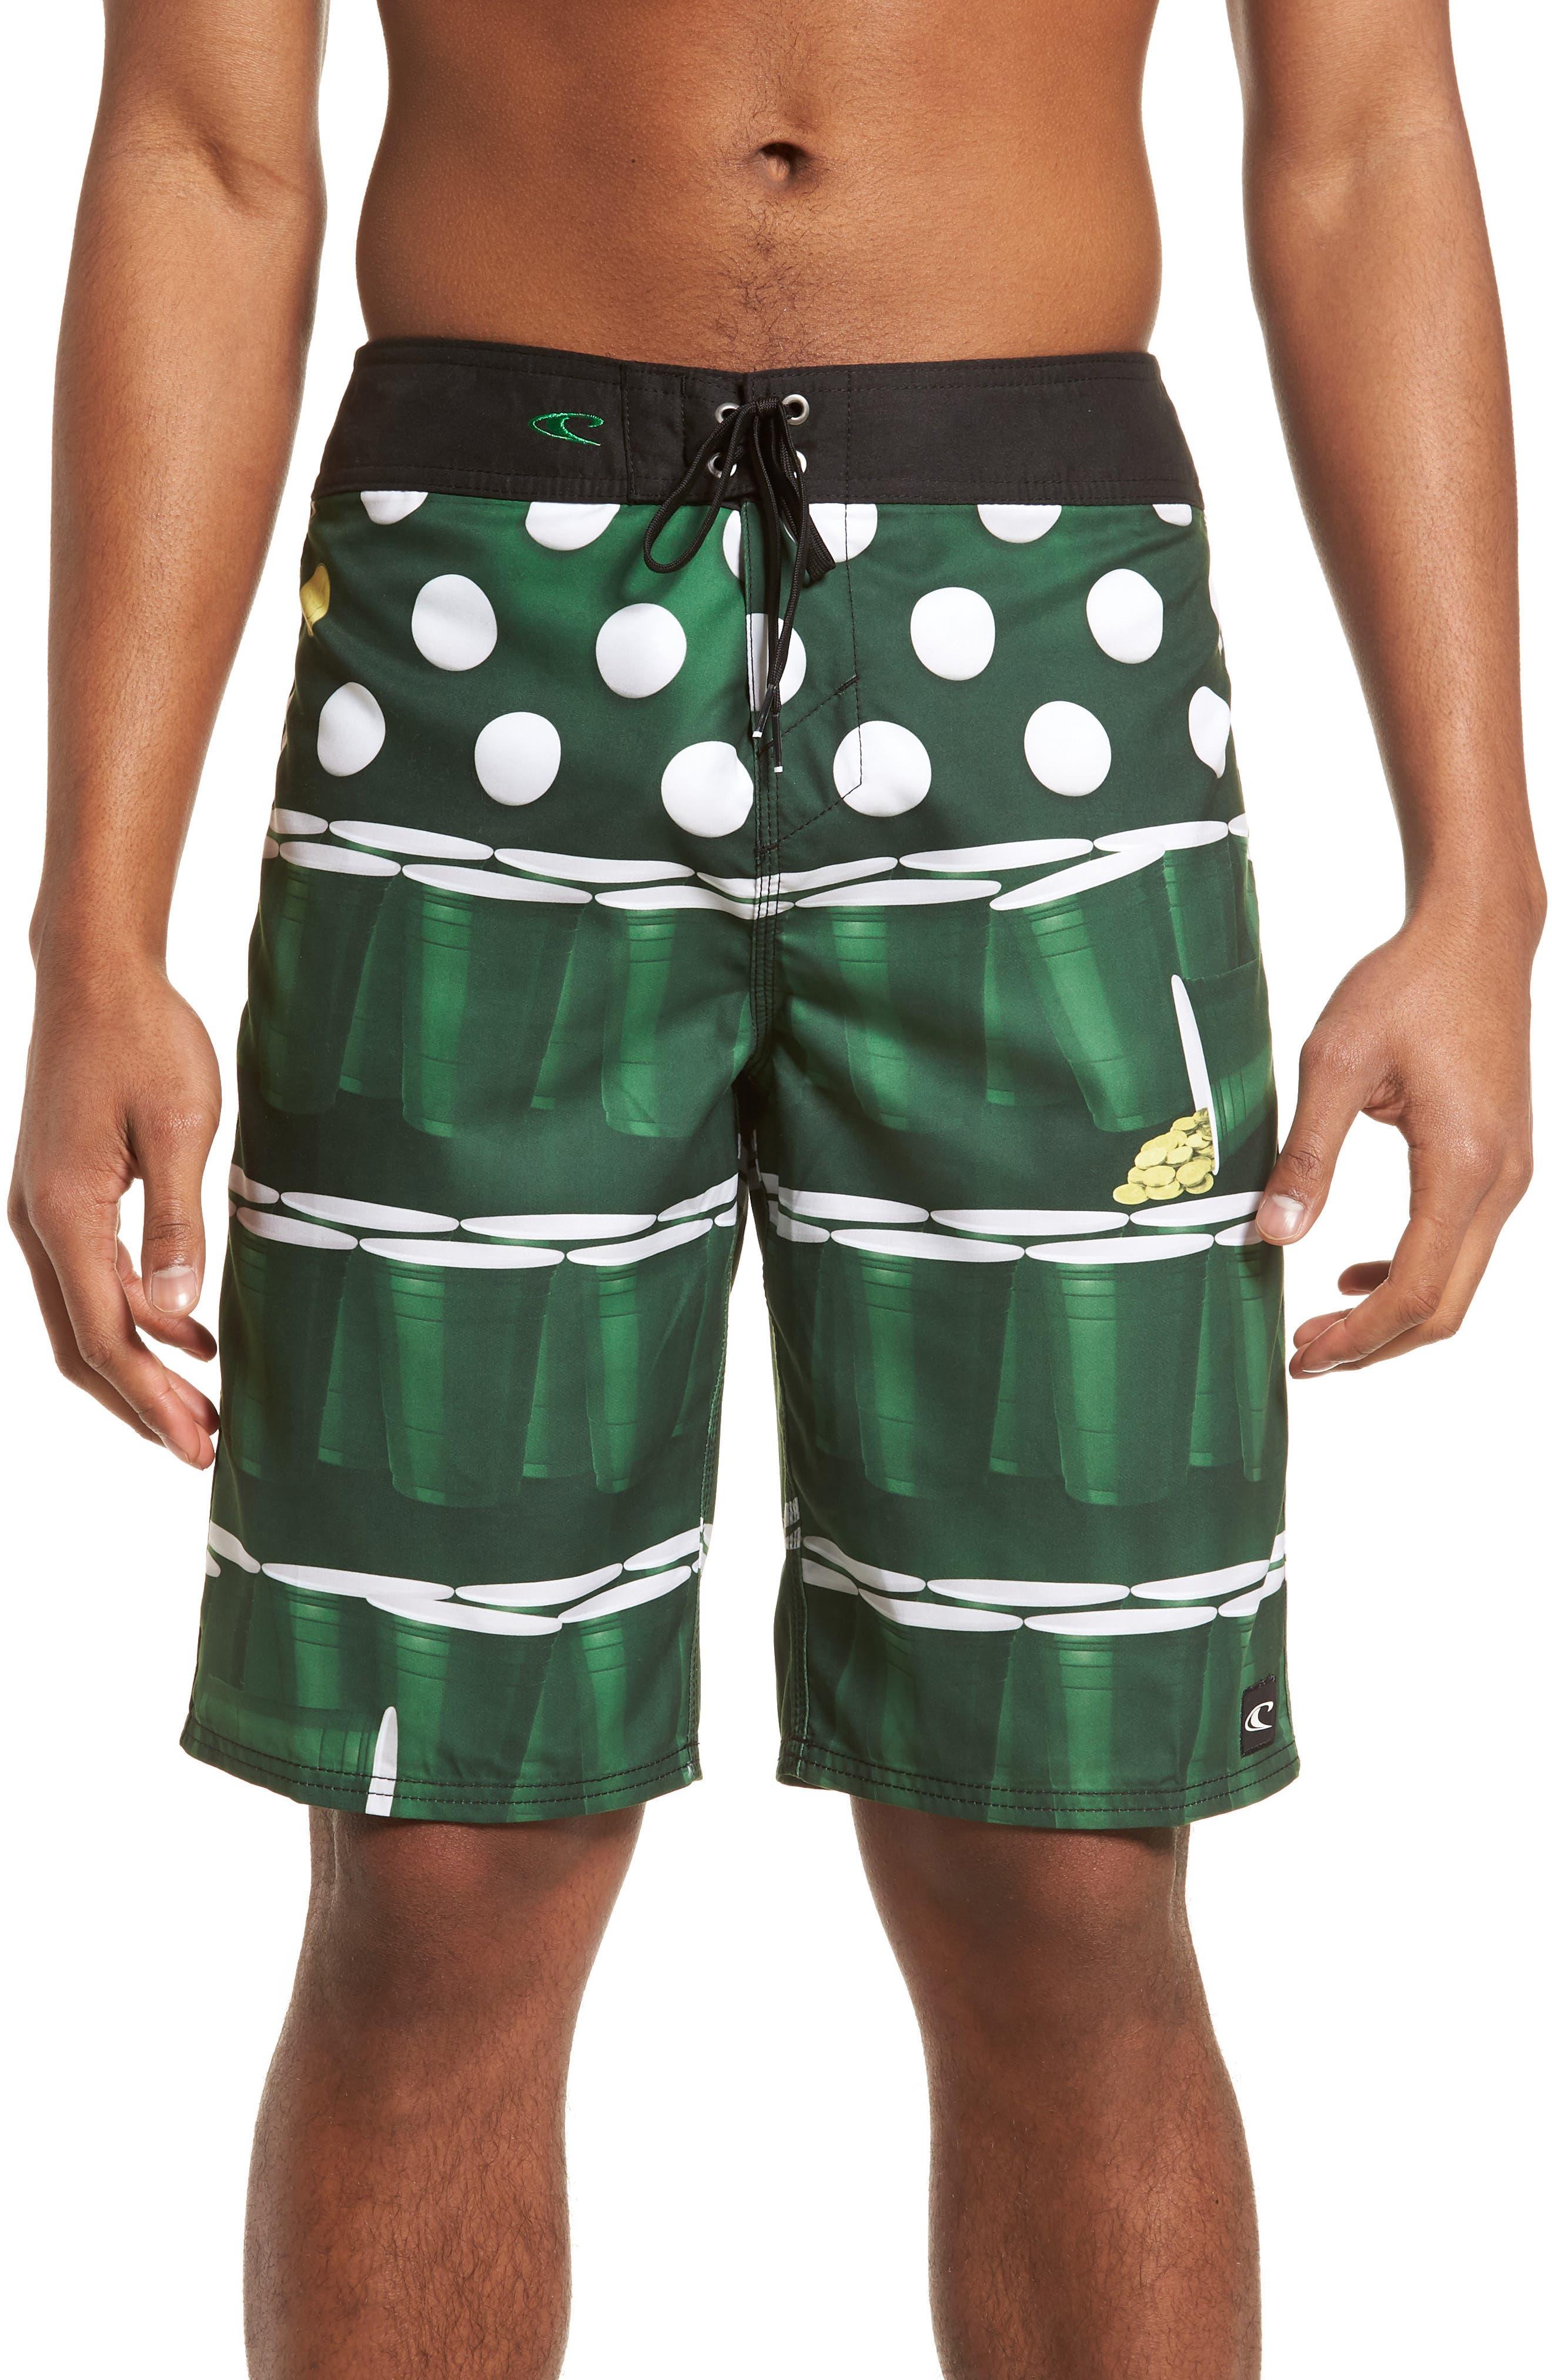 St. Paddy's Pong Board Shorts,                             Main thumbnail 1, color,                             Green